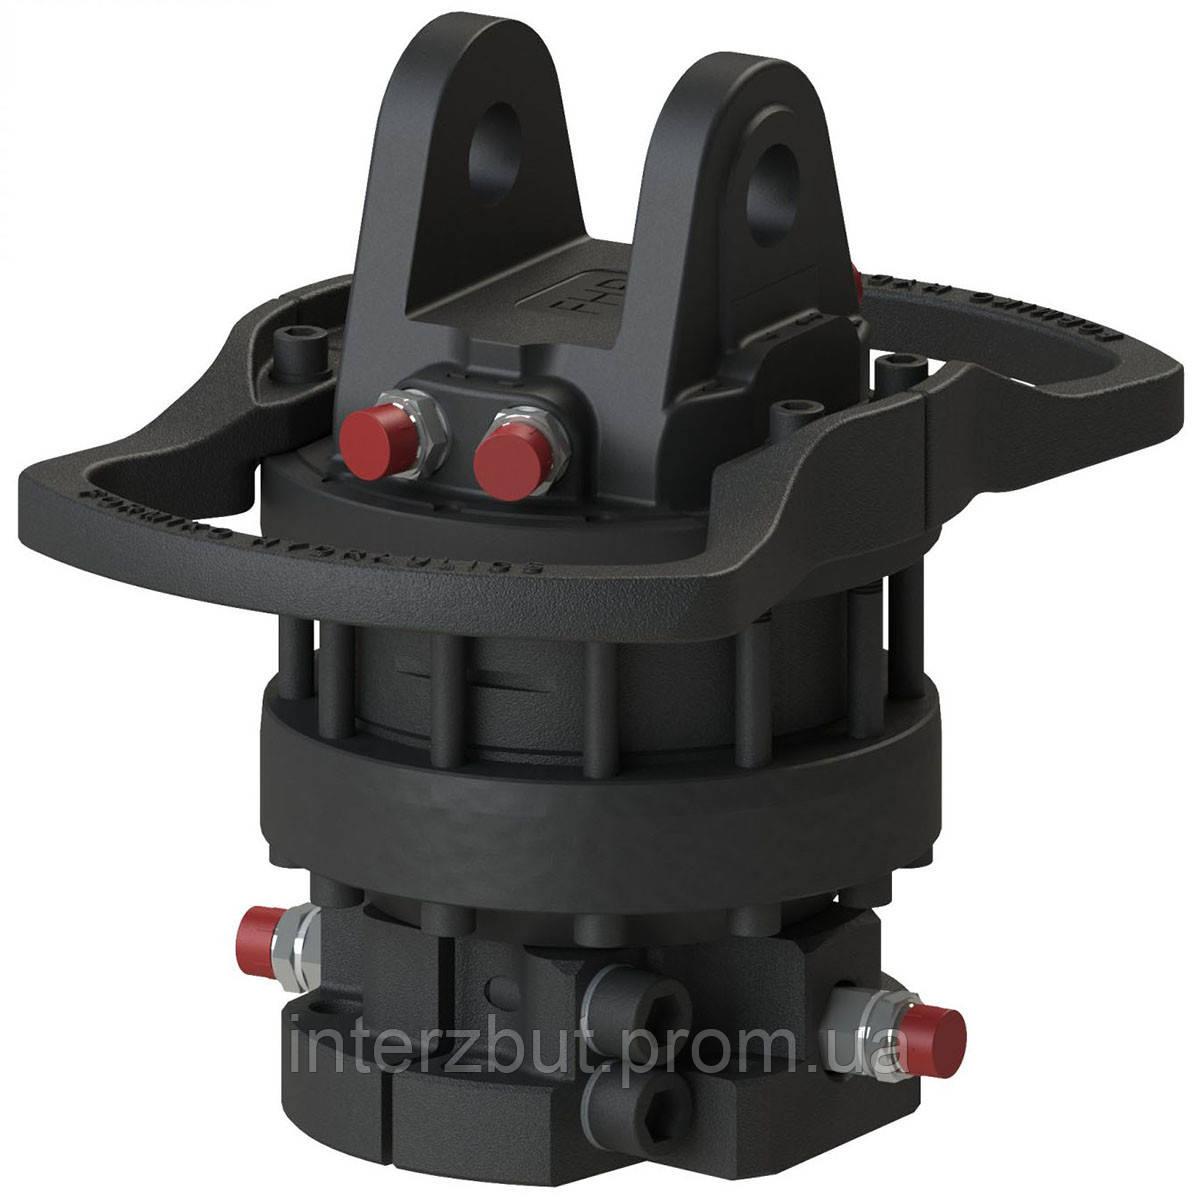 Ротатор гідравлічний 10t / Ротатор гидравлический 10t